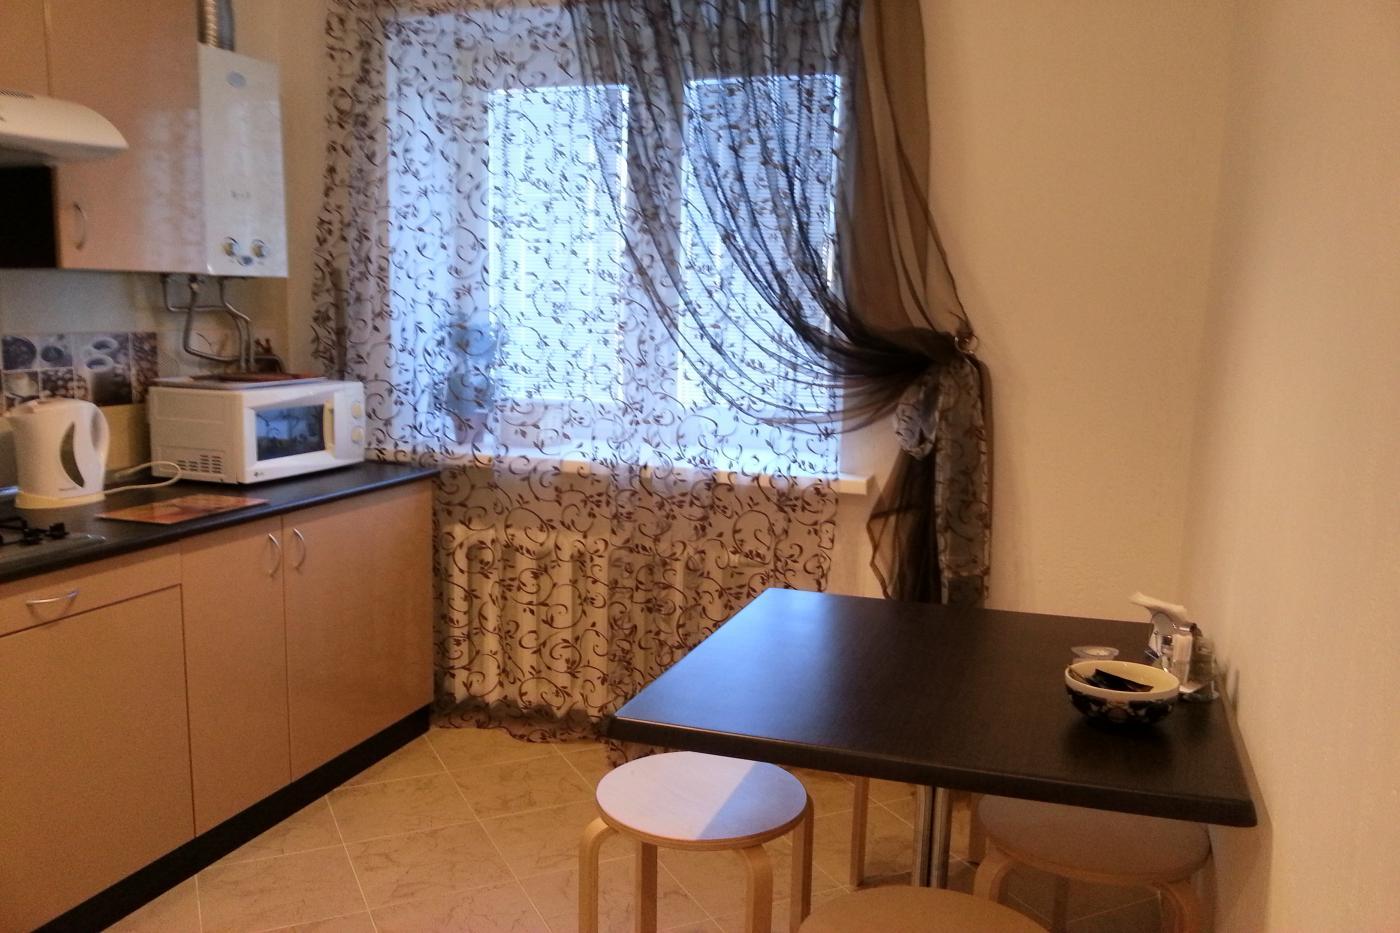 2-комнатная квартира посуточно (вариант № 4451), ул. Плехановская улица, фото № 5